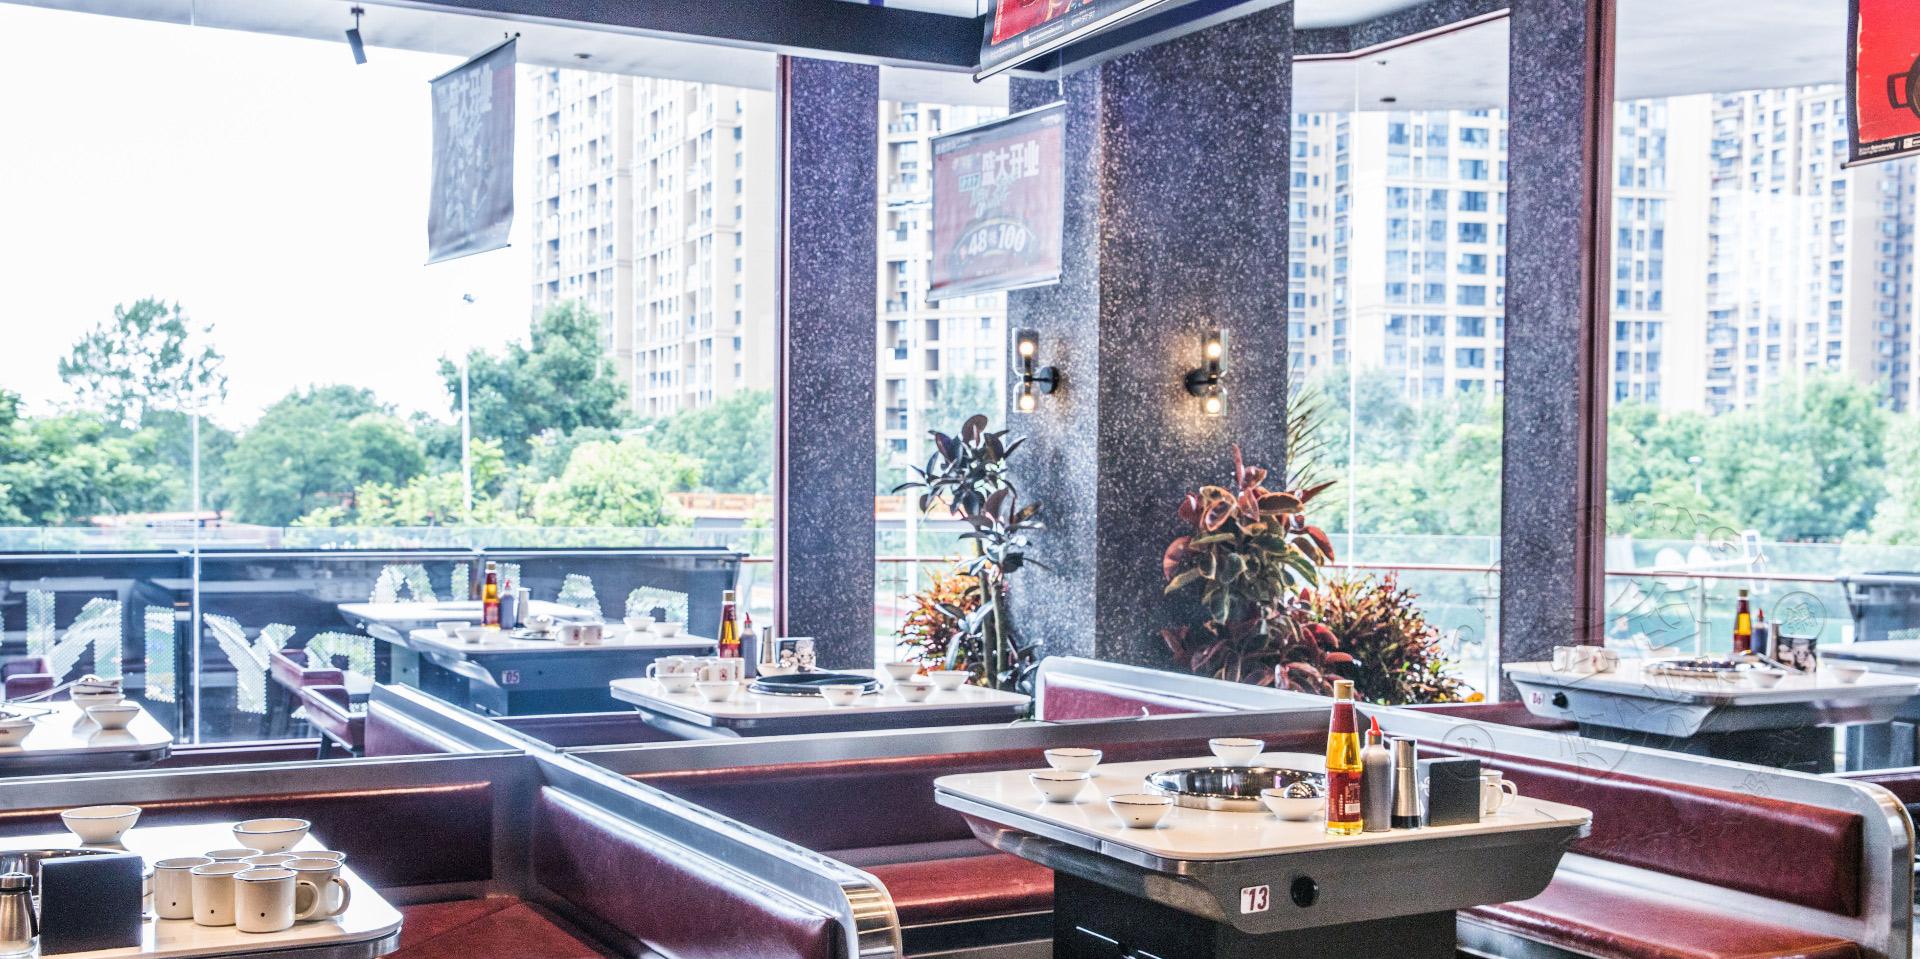 火锅店开业的时候如何造势,有什么技巧?